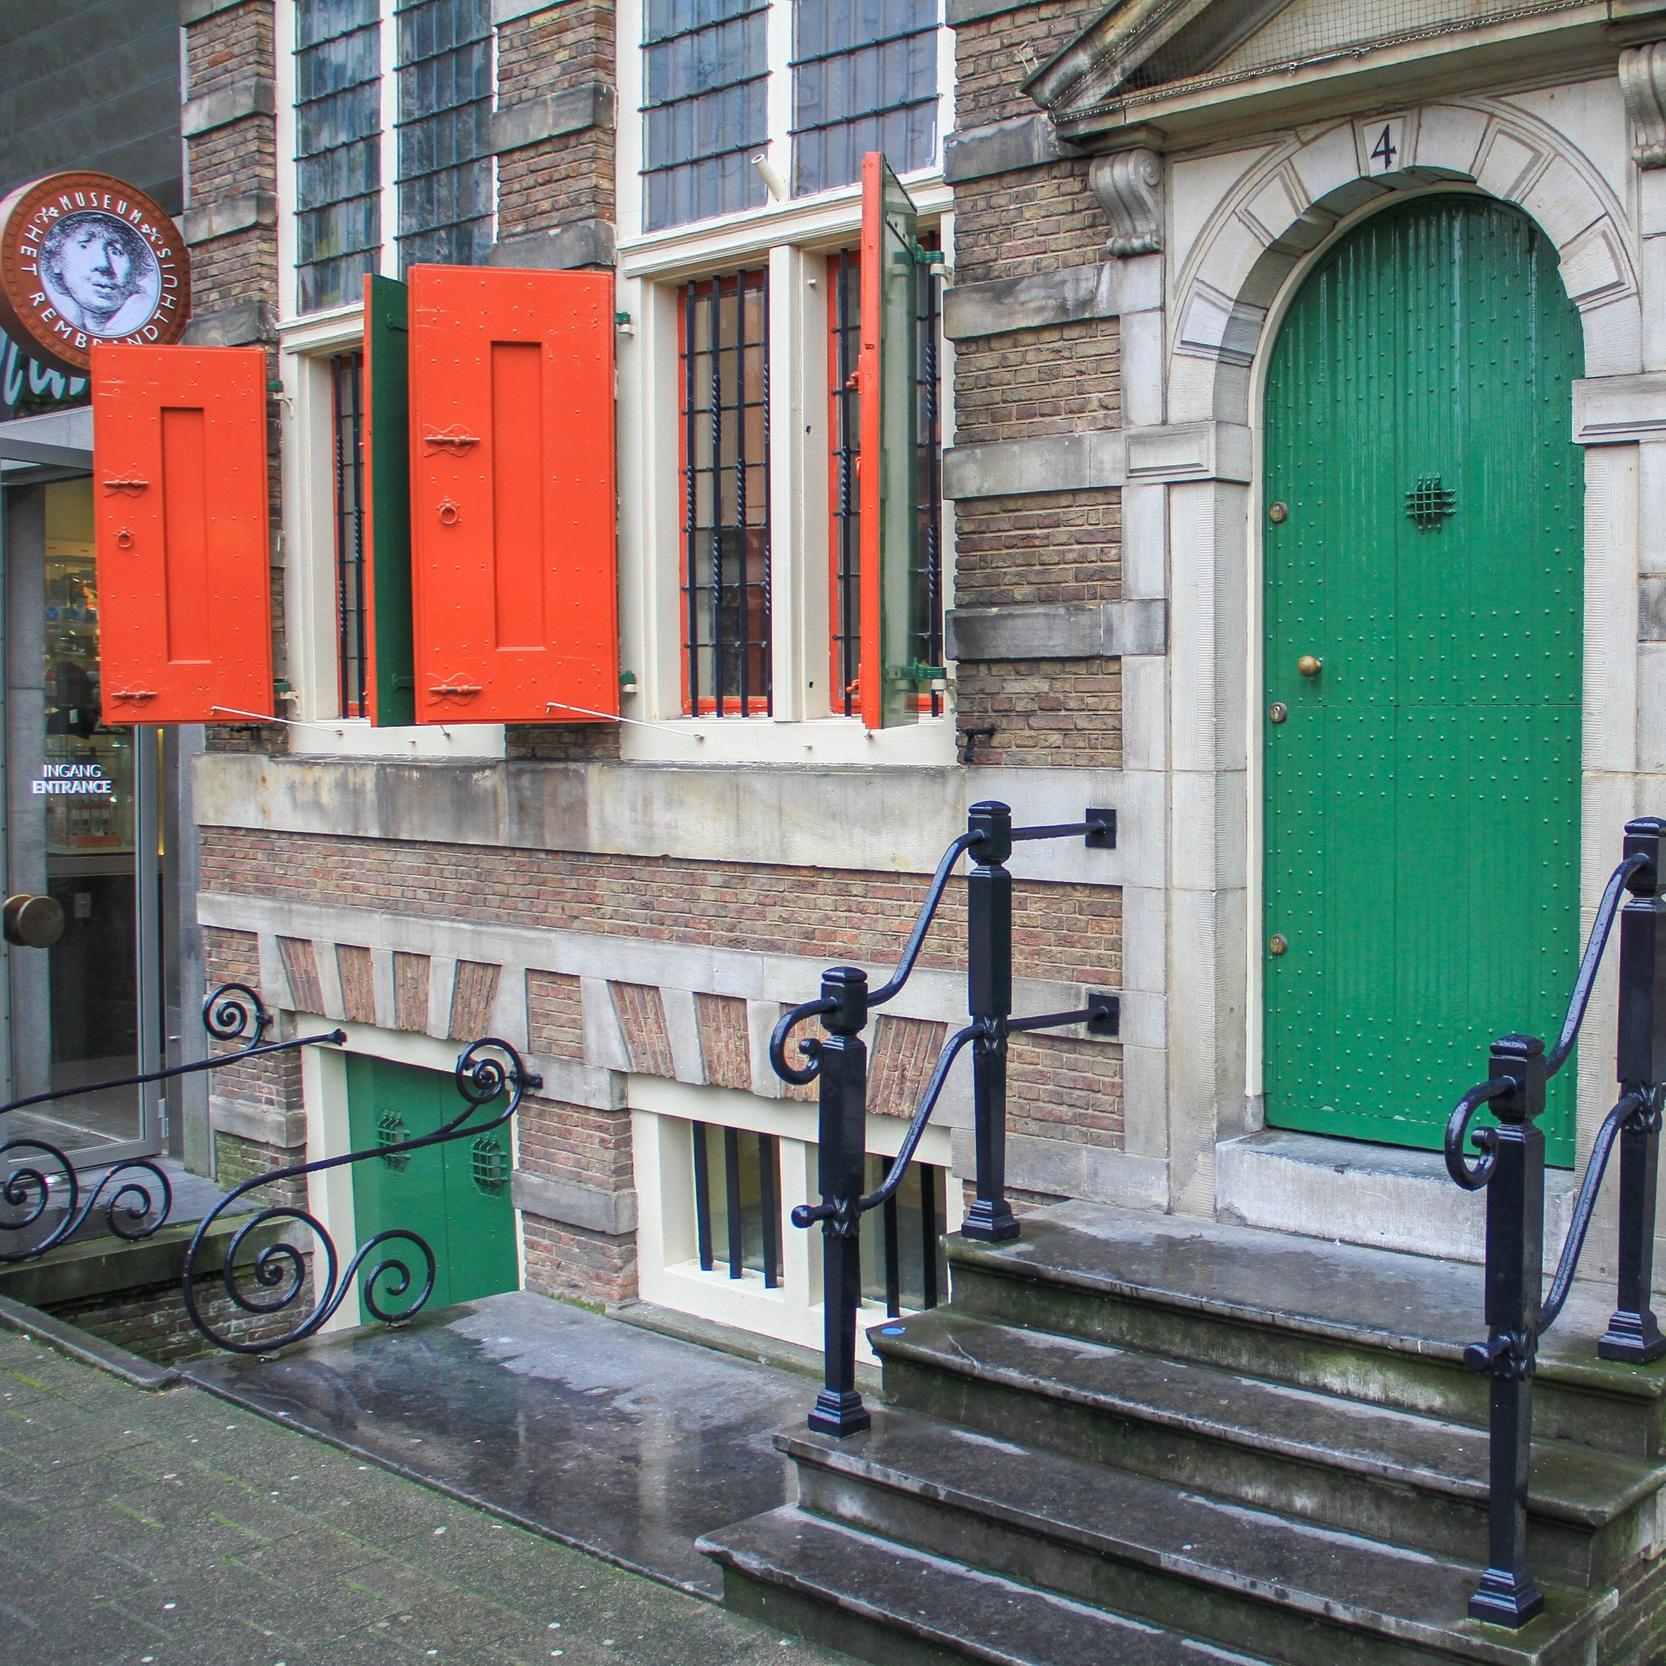 A fachada do prédio onde Rembrandt morou.